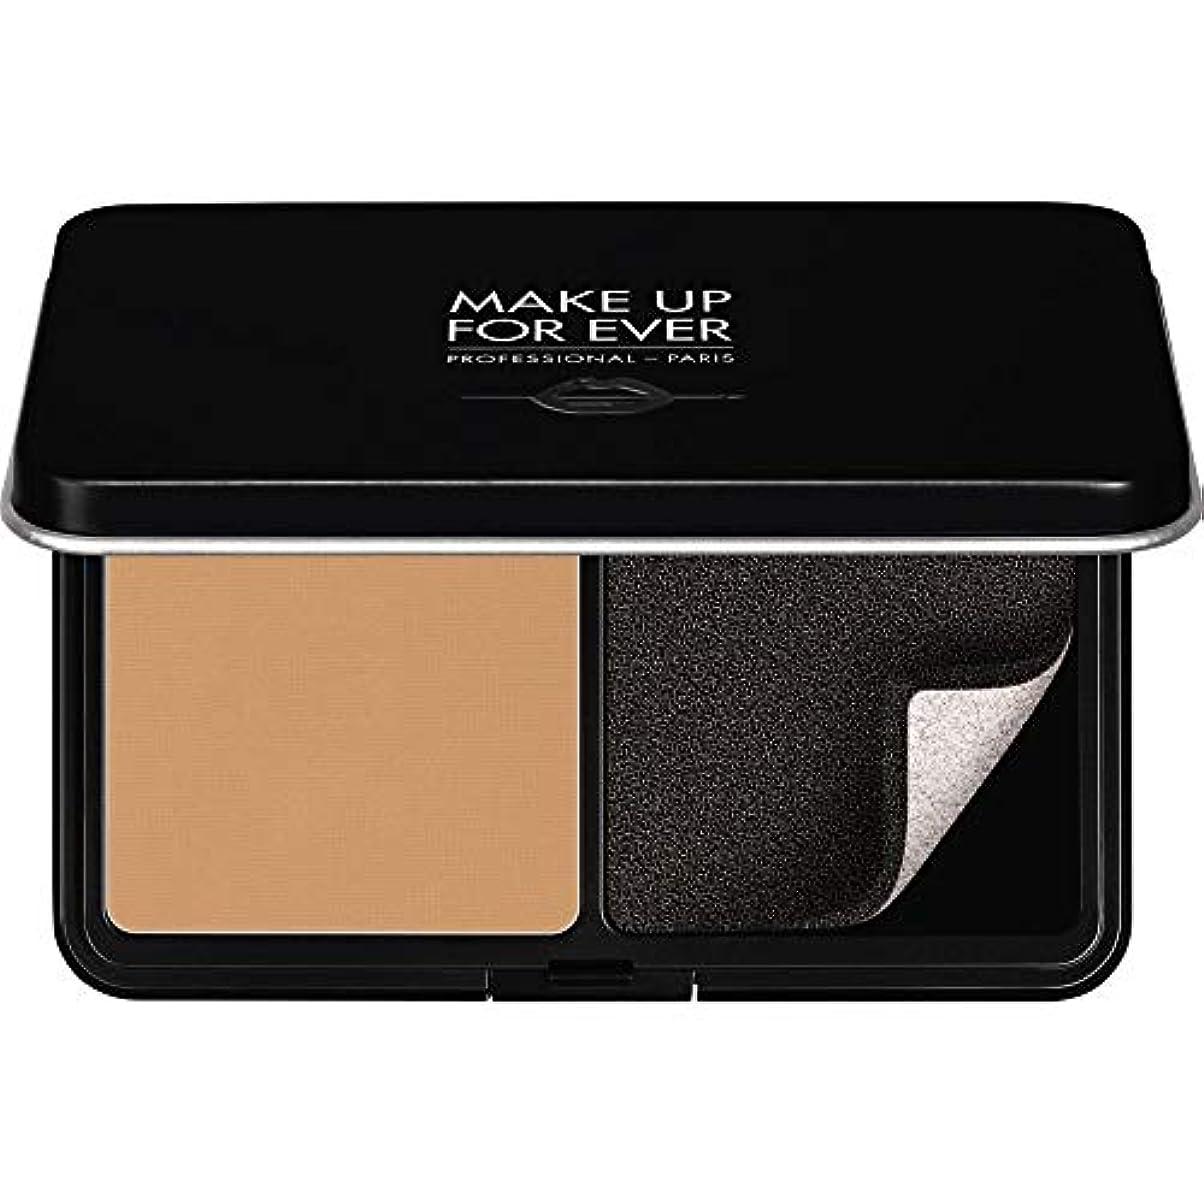 に負ける観光に行く織機[MAKE UP FOR EVER ] 黄金の砂 - パウダーファンデーション11GののY375をぼかし、これまでマットベルベットの肌を補います - MAKE UP FOR EVER Matte Velvet Skin Blurring Powder Foundation 11g Y375 - Golden Sand [並行輸入品]